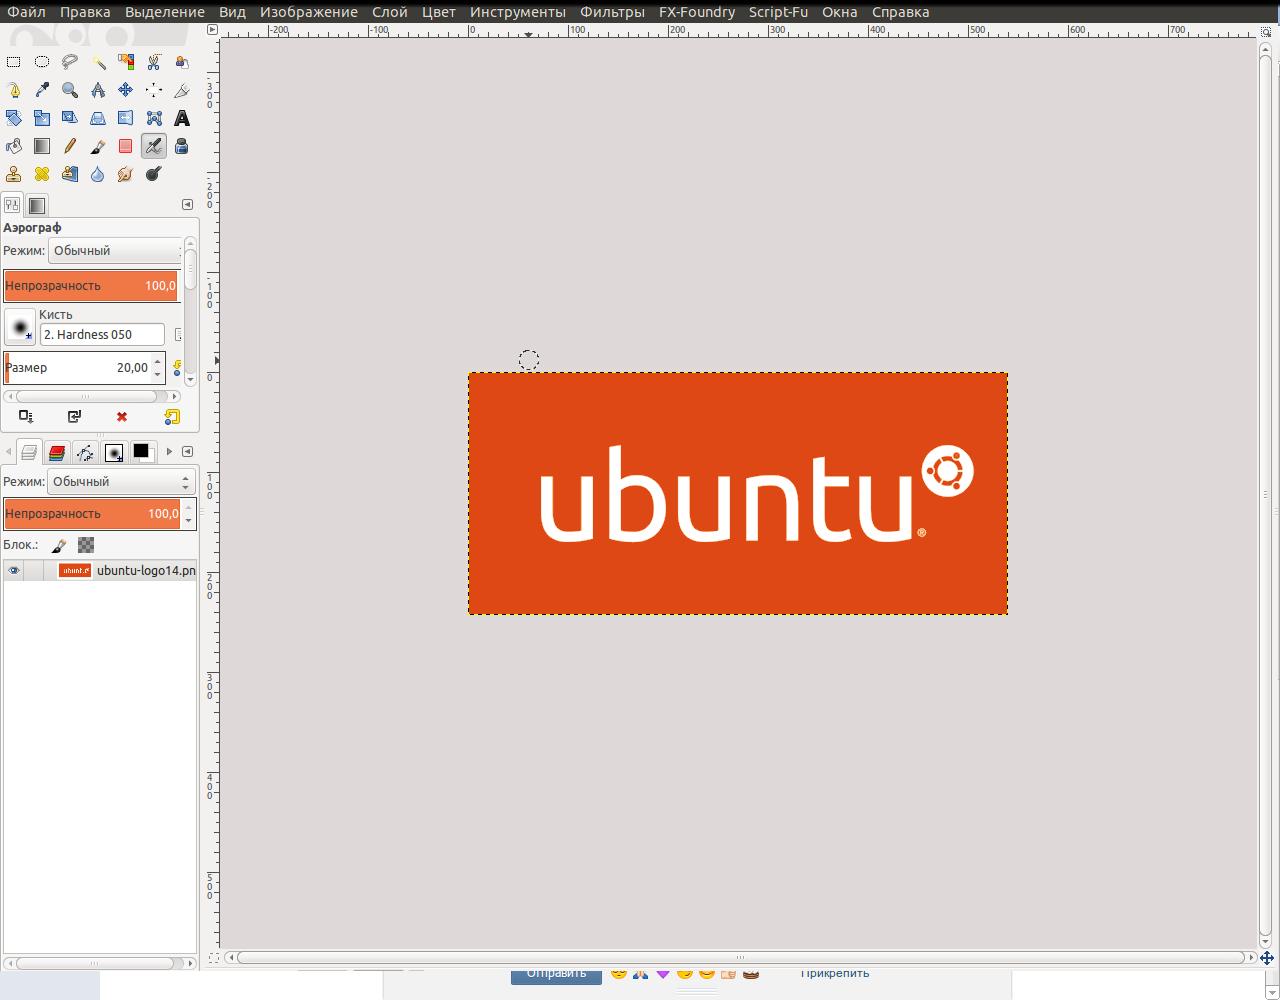 [ubuntu-logo14] (импортировано)-1.0 (Цвета RGB, 1 слой) 540x243 – GIMP_401